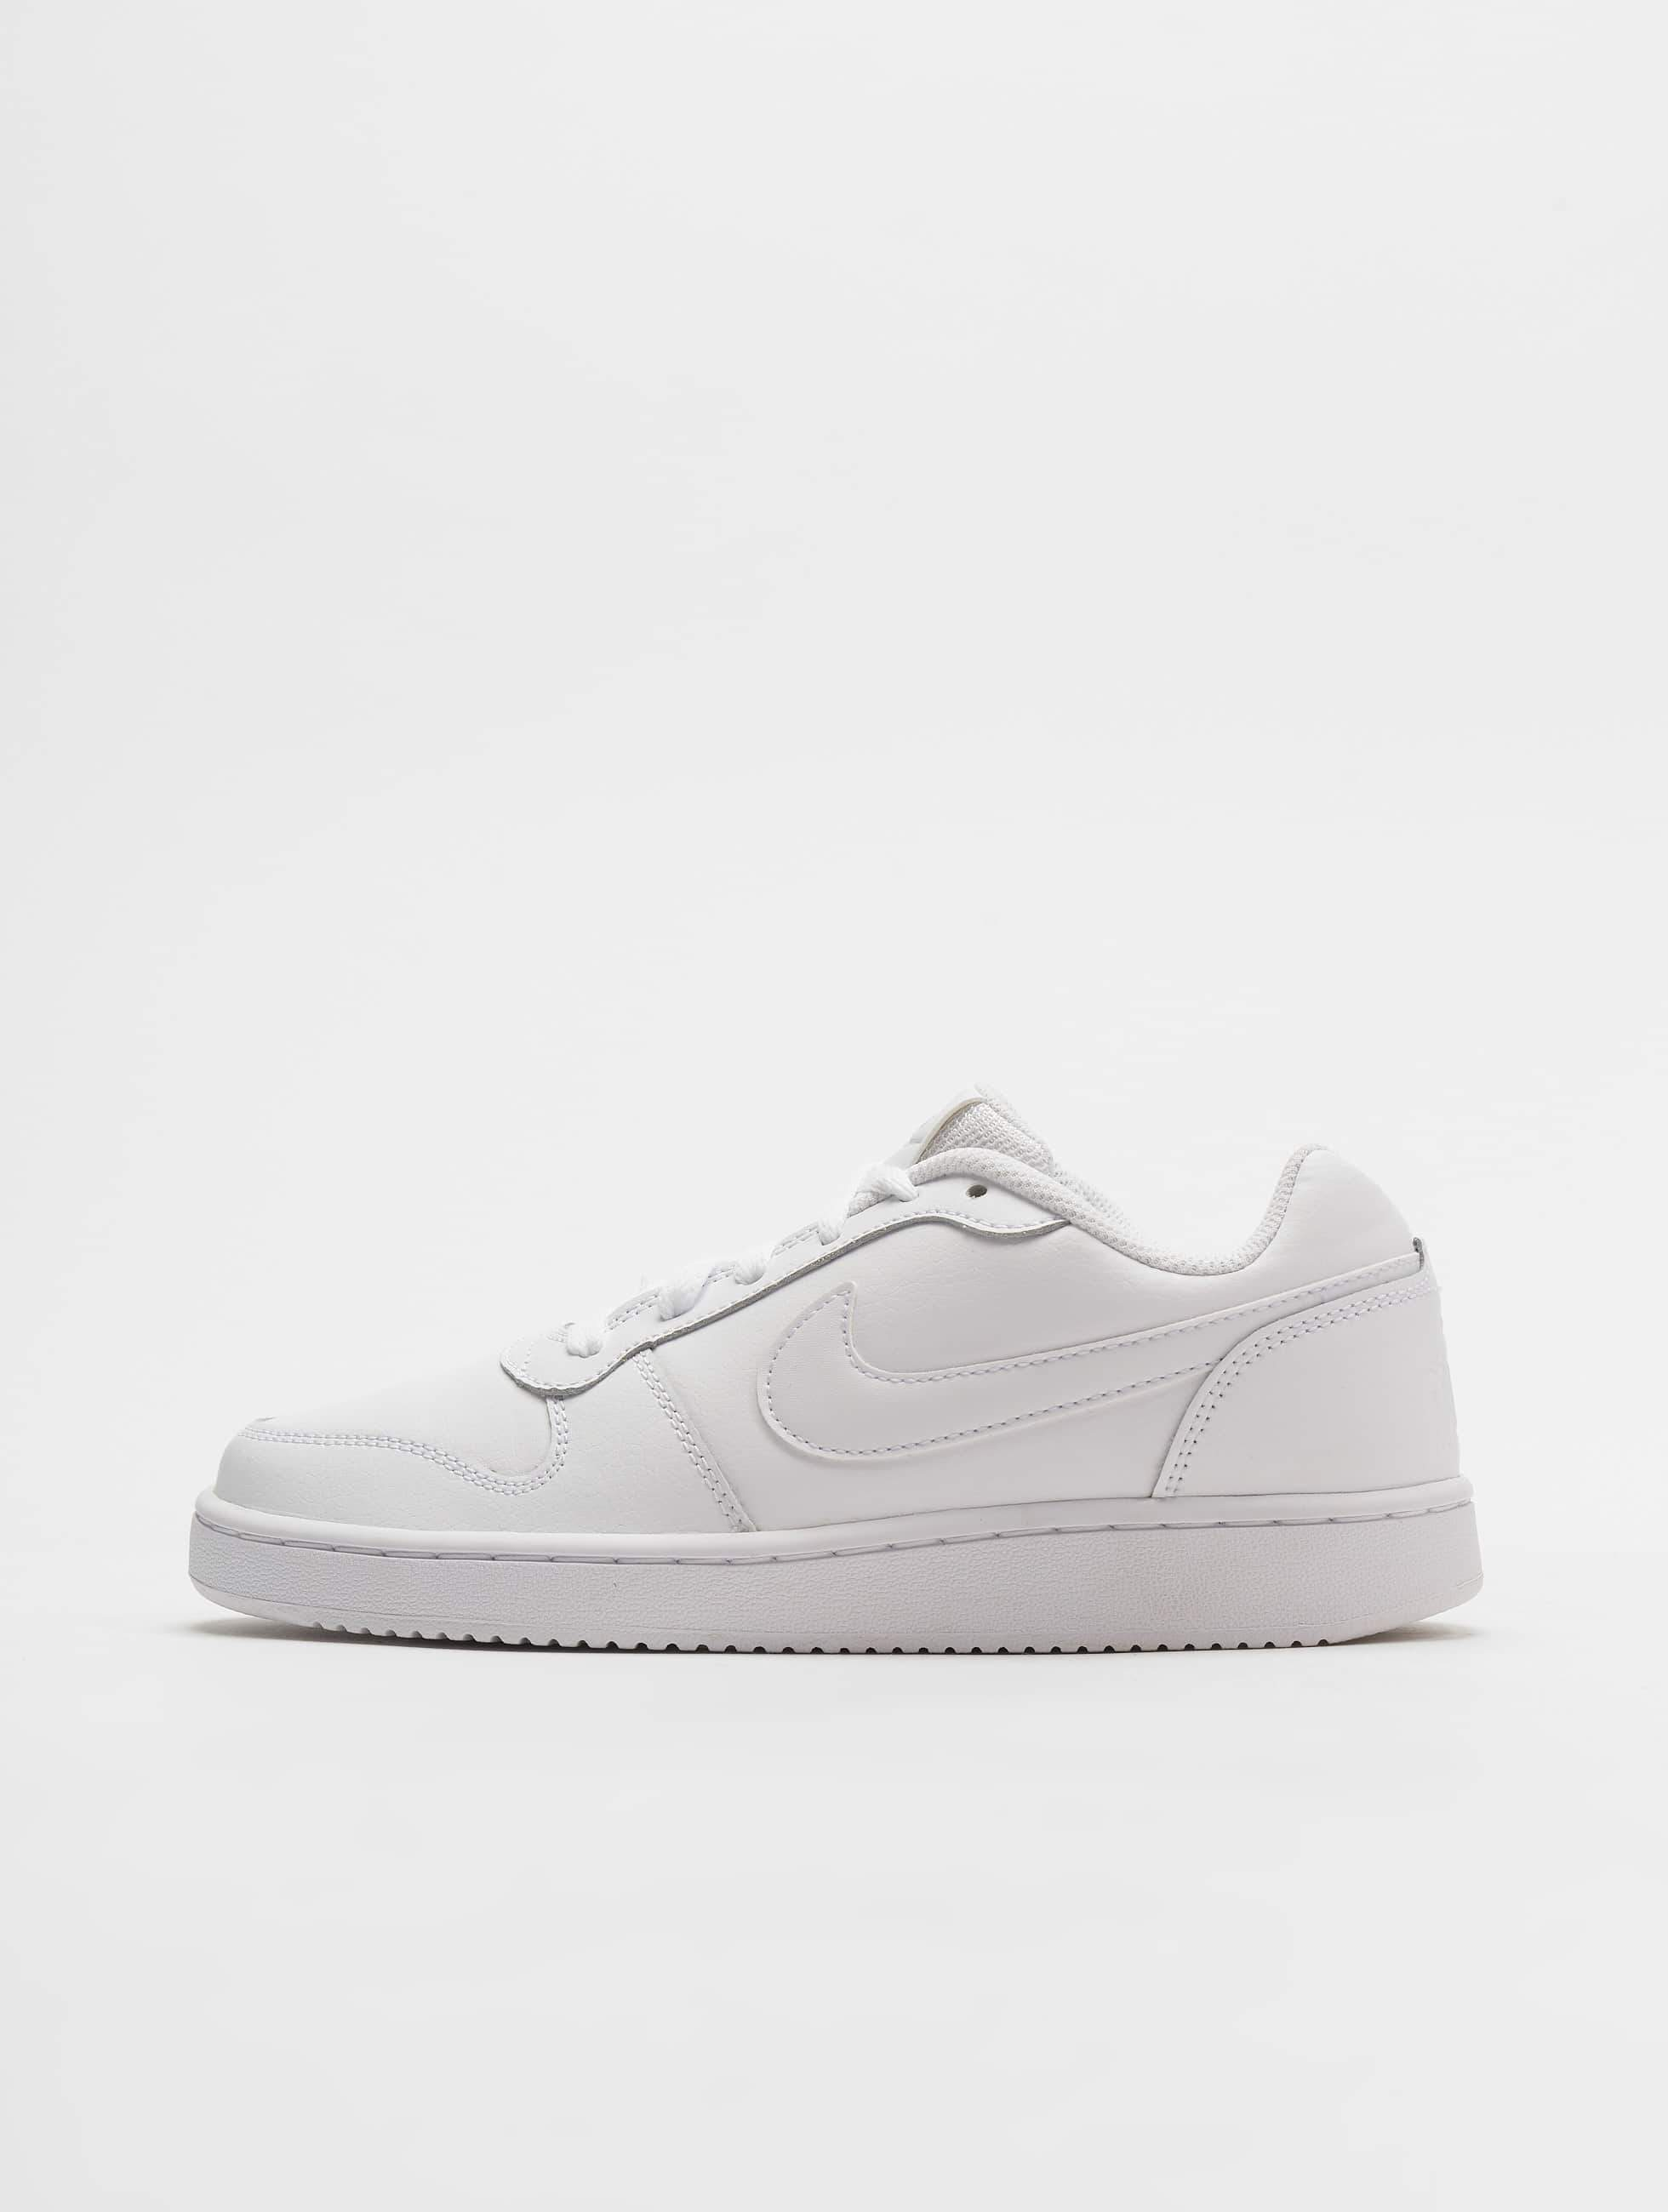 9abb92dcbec Nike schoen / sneaker Ebernon Low in wit 536963